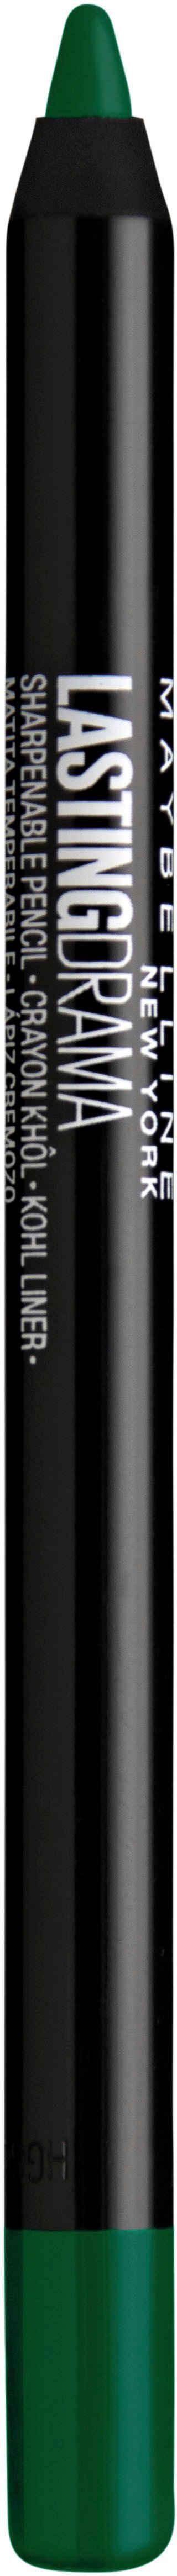 MAYBELLINE NEW YORK Kajal »Lasting Drama Khôl Liner«, Hochkonzentrierte Pigmentformel